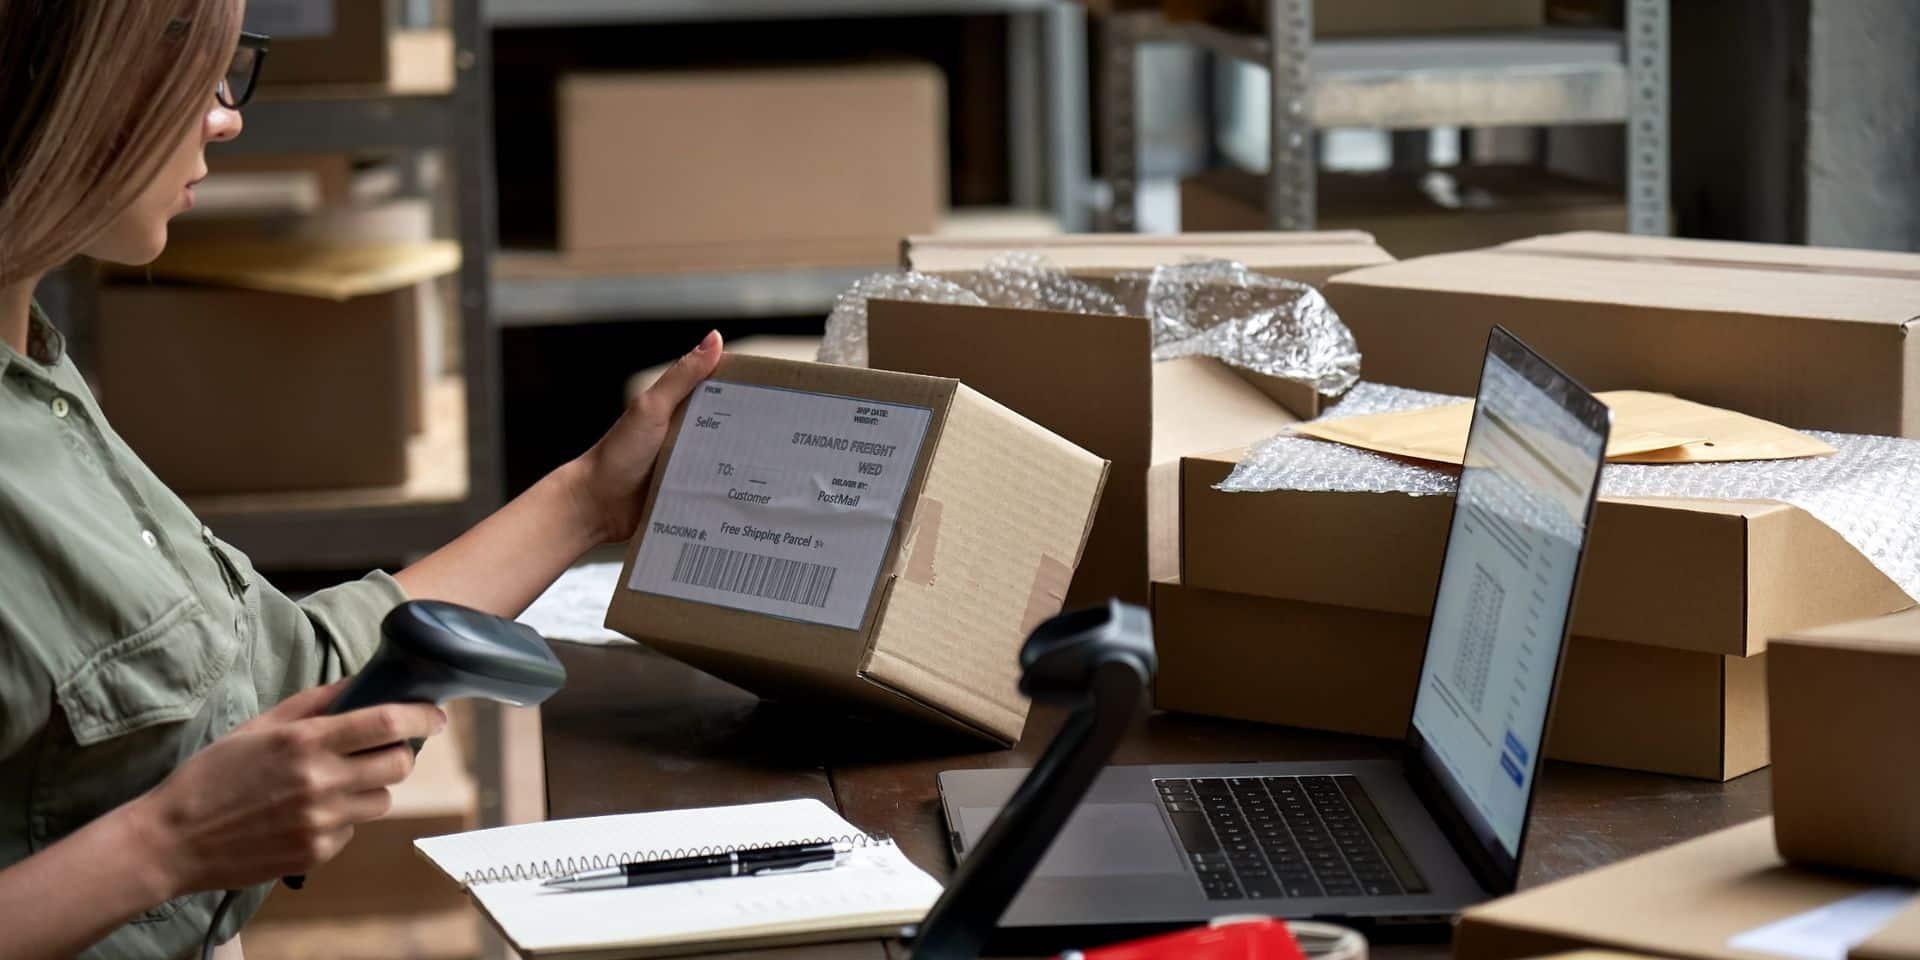 """Le Covid-19 dope l'e-commerce mais ne fait pas que des heureux: quels sont les secteurs qui n'ont pas profité de cet """"essor spectaculaire""""?"""